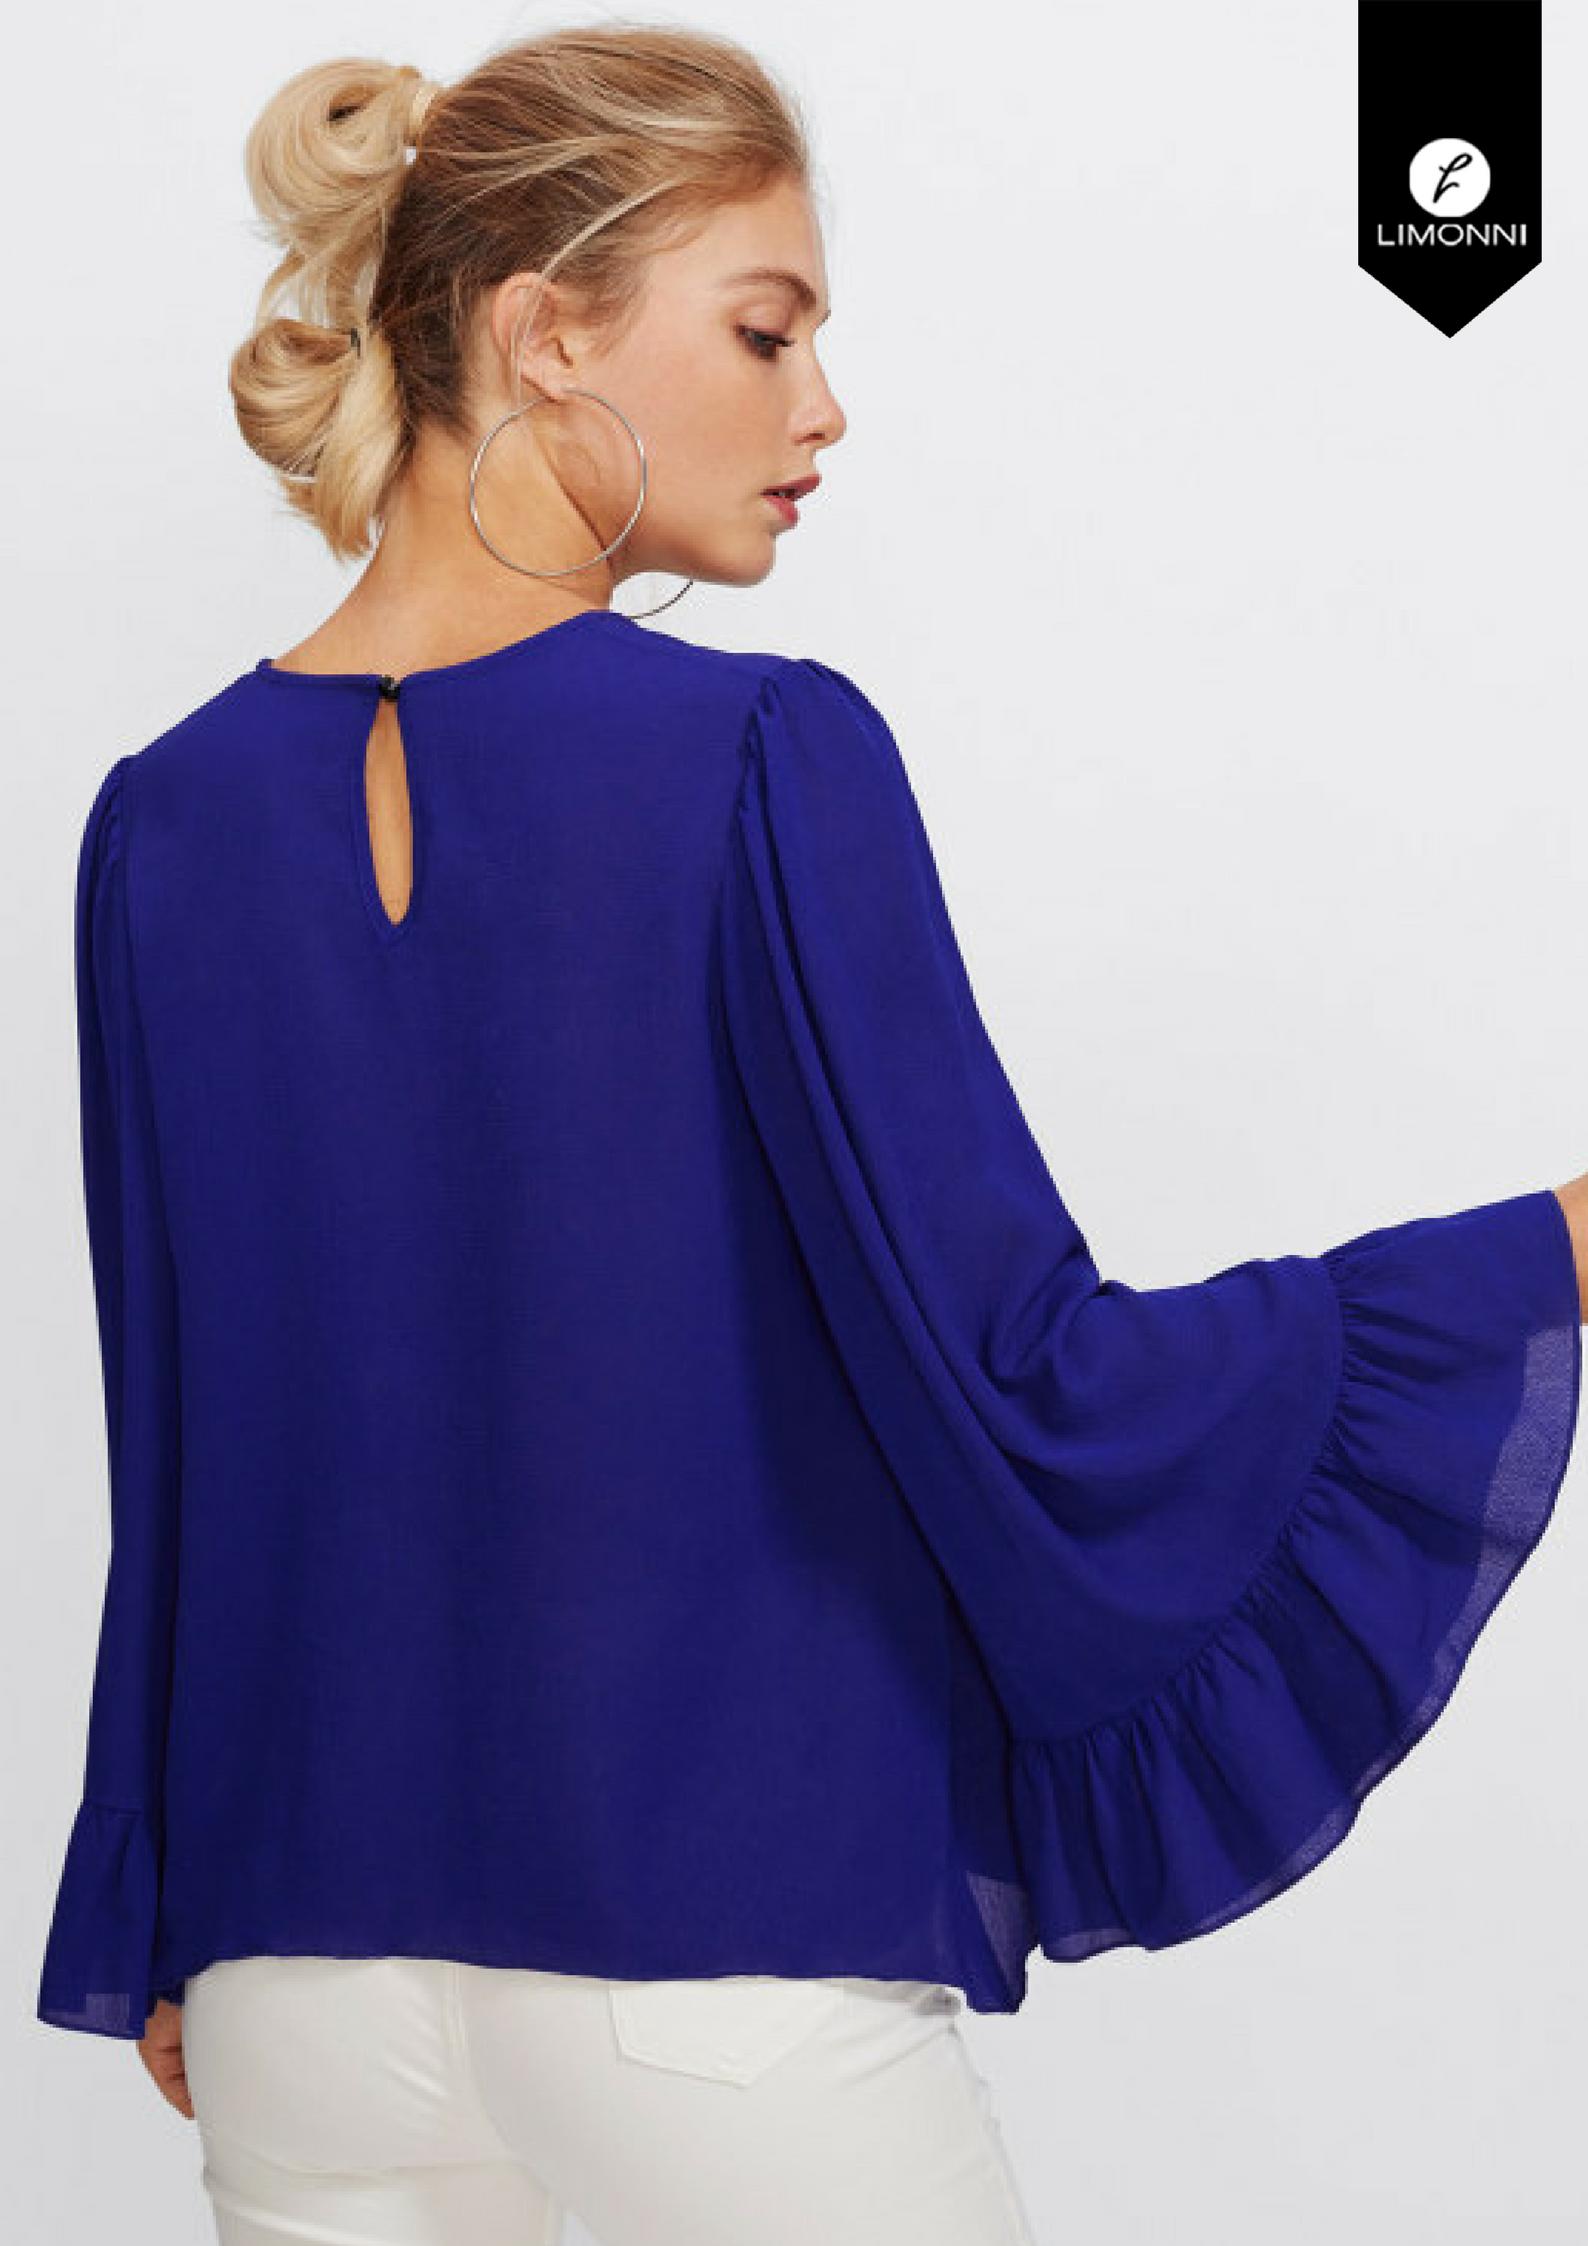 Blusas para mujer Limonni Novalee LI1446 Casuales